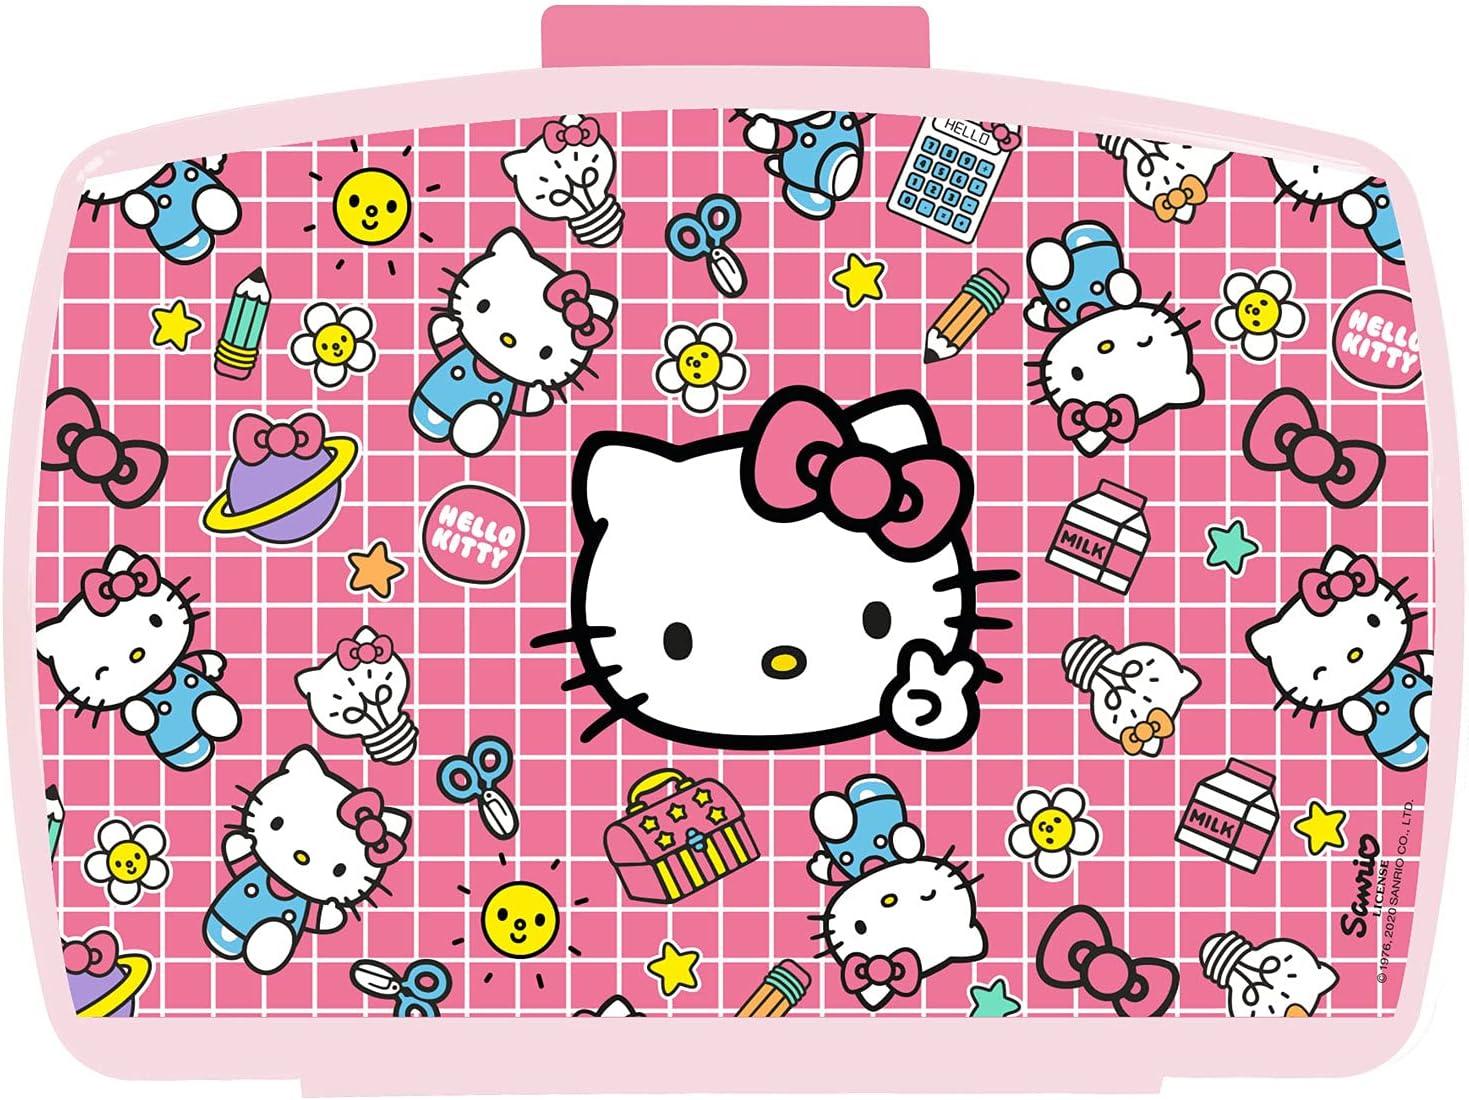 POS 33114 - Fiambrera con bandeja extraíble en diseño de Hello Kitty, 16 x 12 x 6,5 cm, plástico, sin BPA ni ftalatos, multicolor